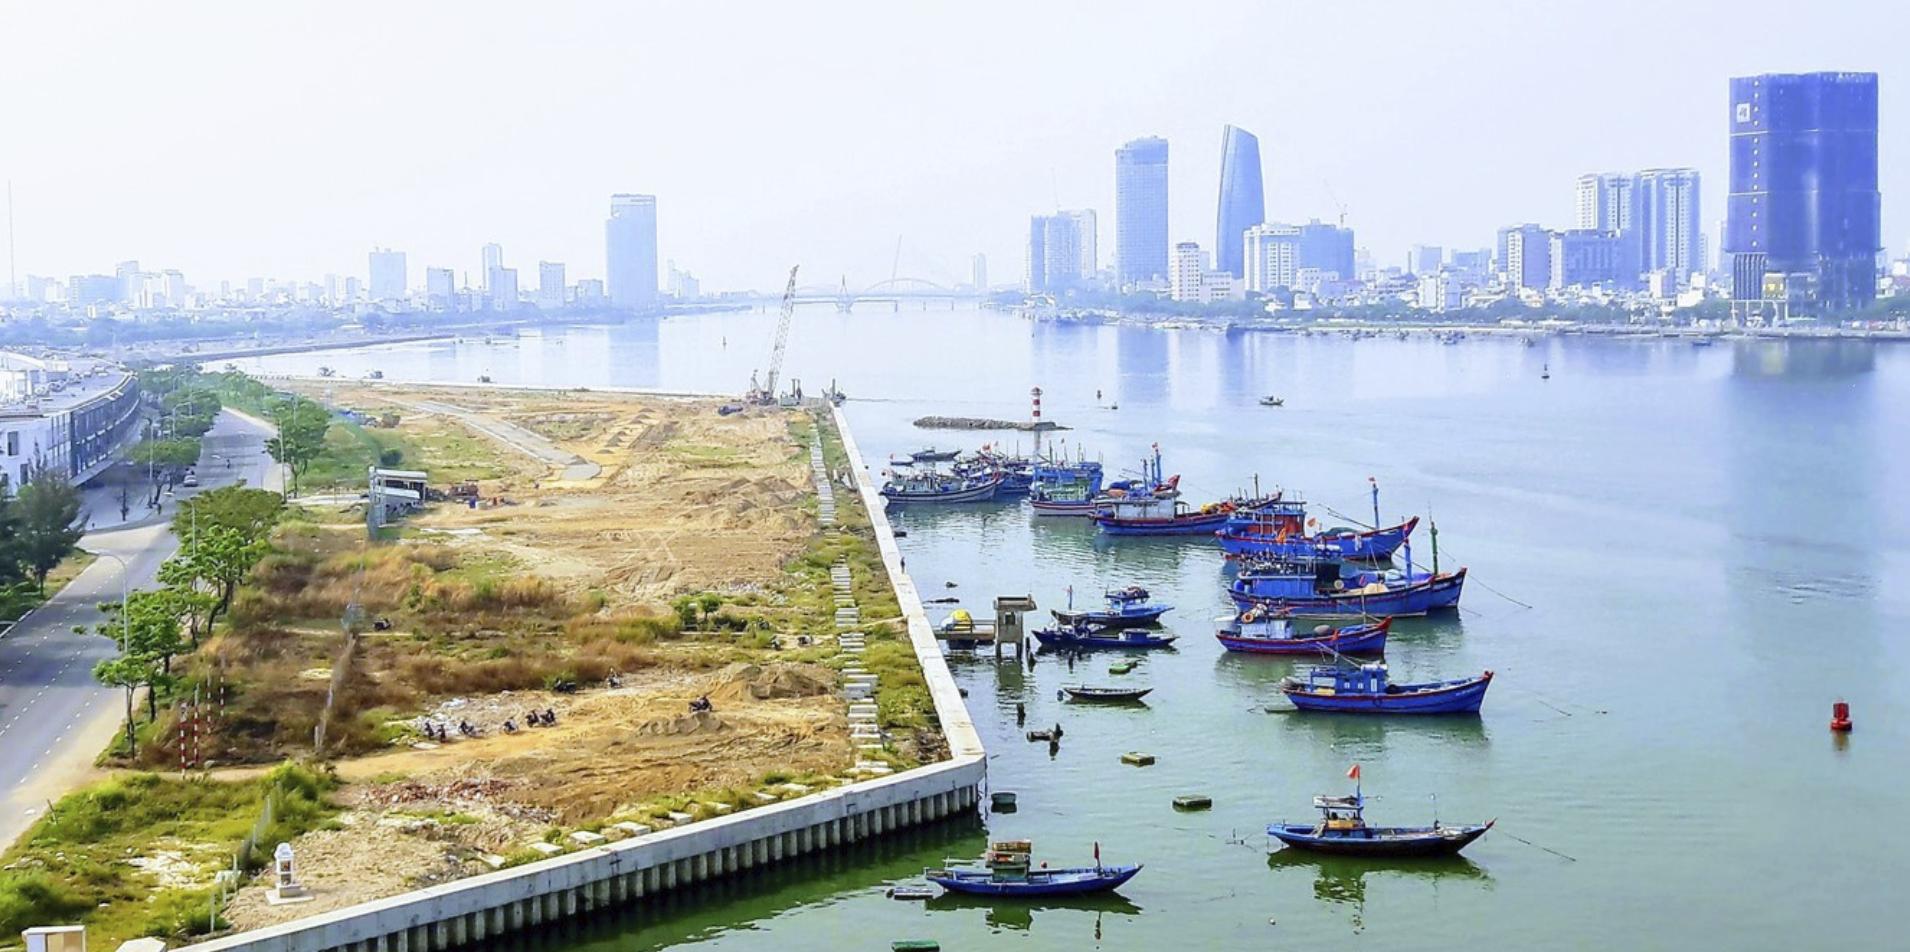 Bà Nguyễn Thị Như Loan nói gặp tai nạn tại Dự án bất động sản và bến du thuyền - Marina Complex ở Đà Nẵng - Ảnh 3.